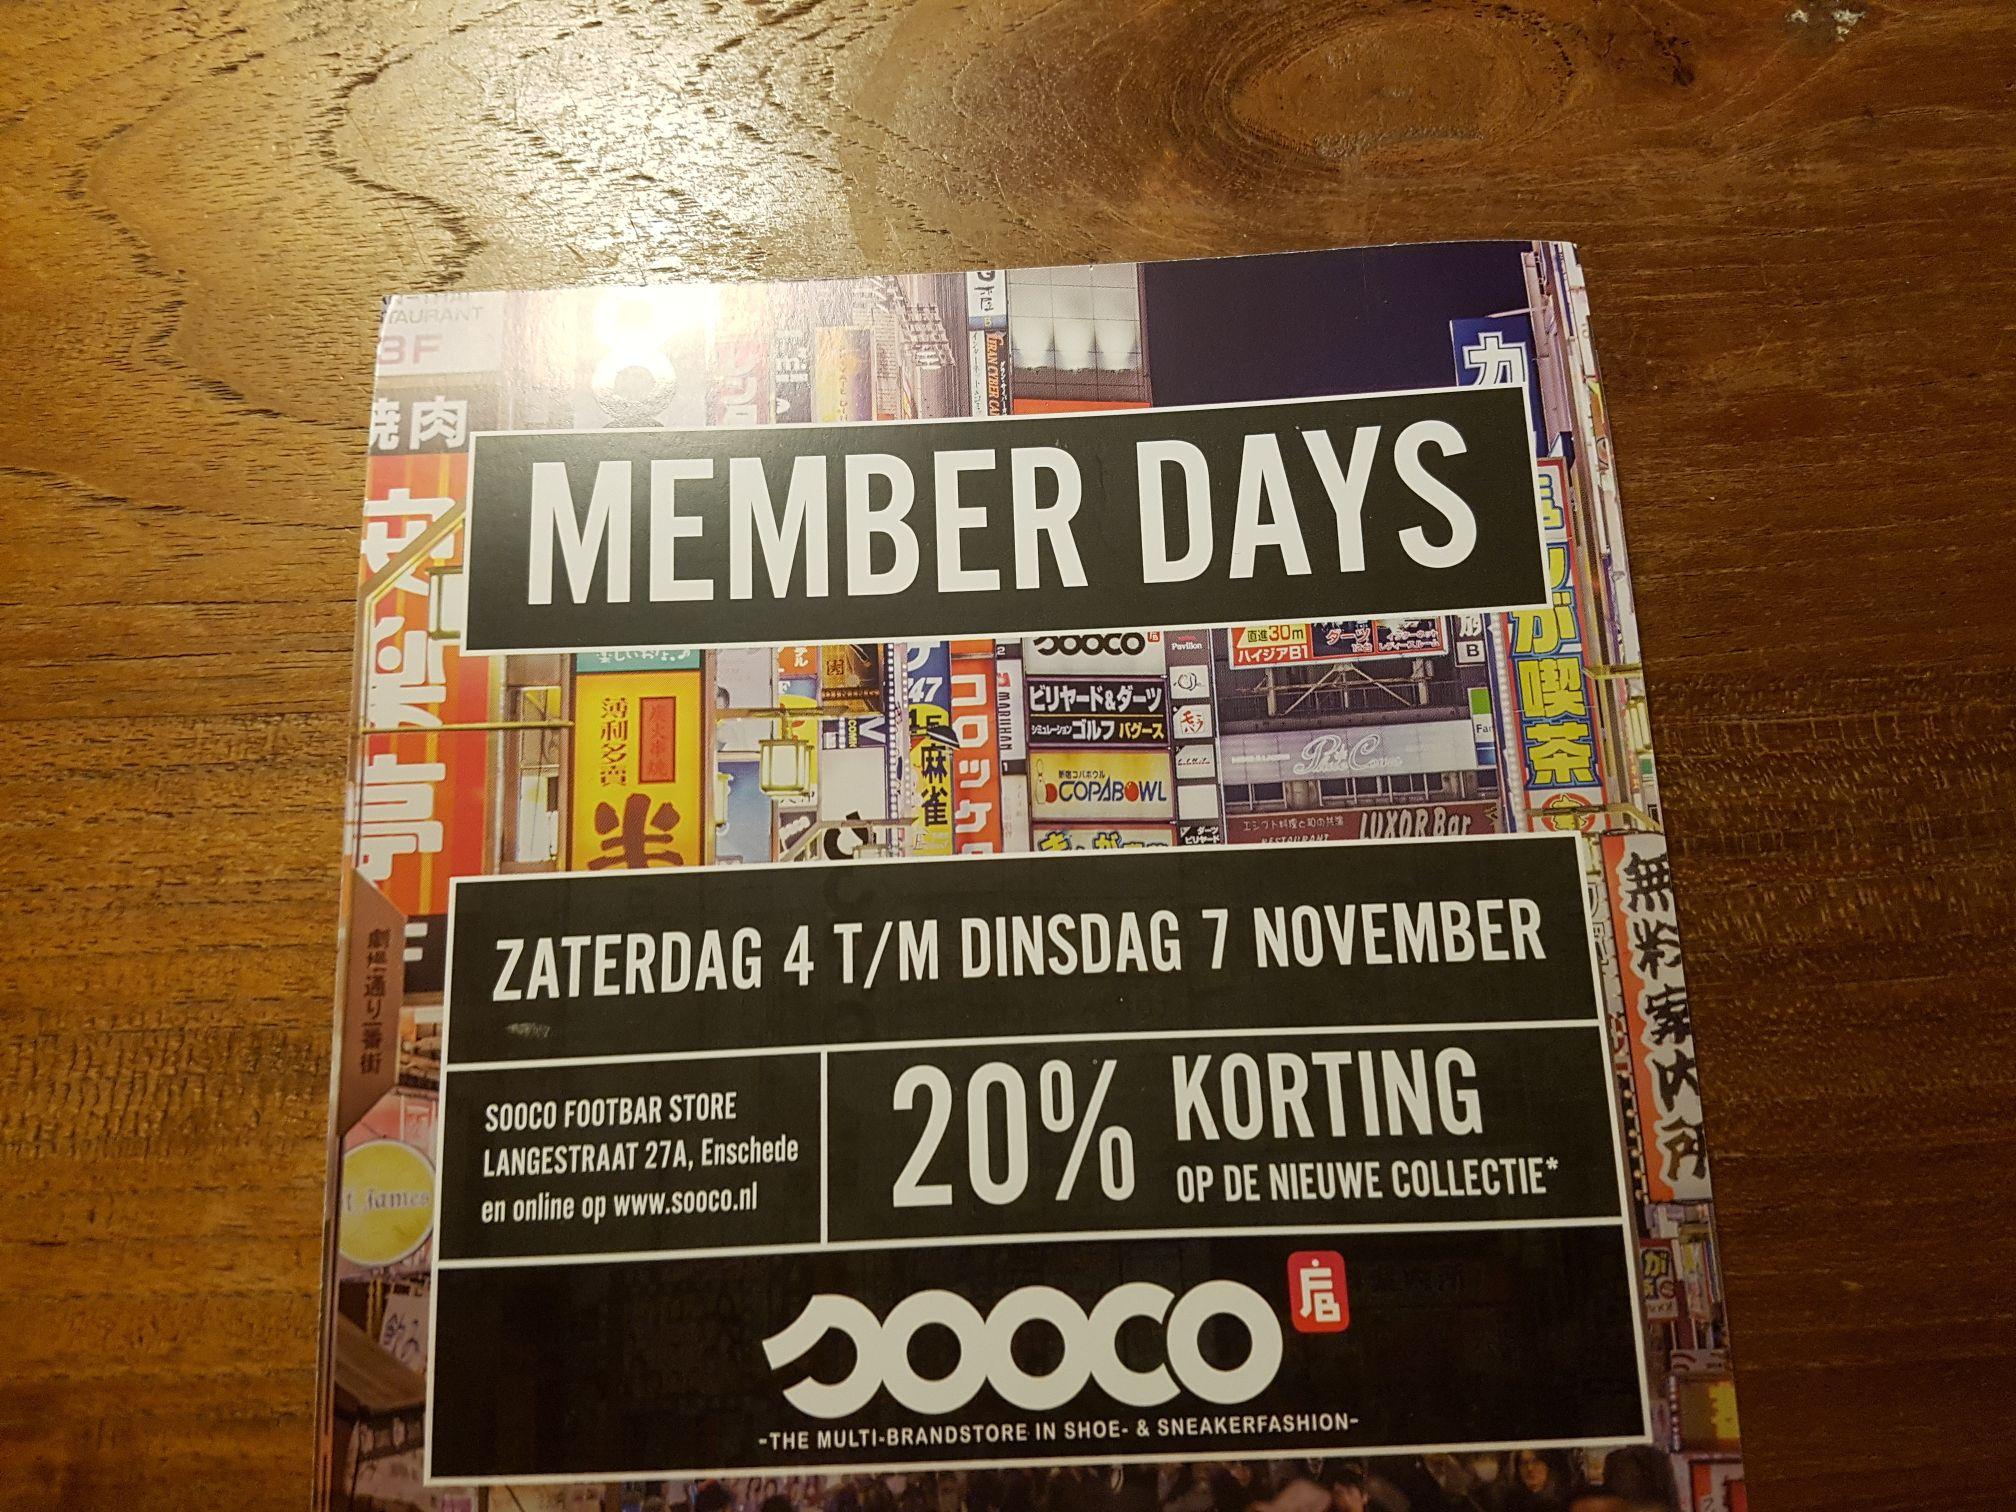 20 procent korting op de nieuwe collectie en tien procent korting op de sale @ Sooco